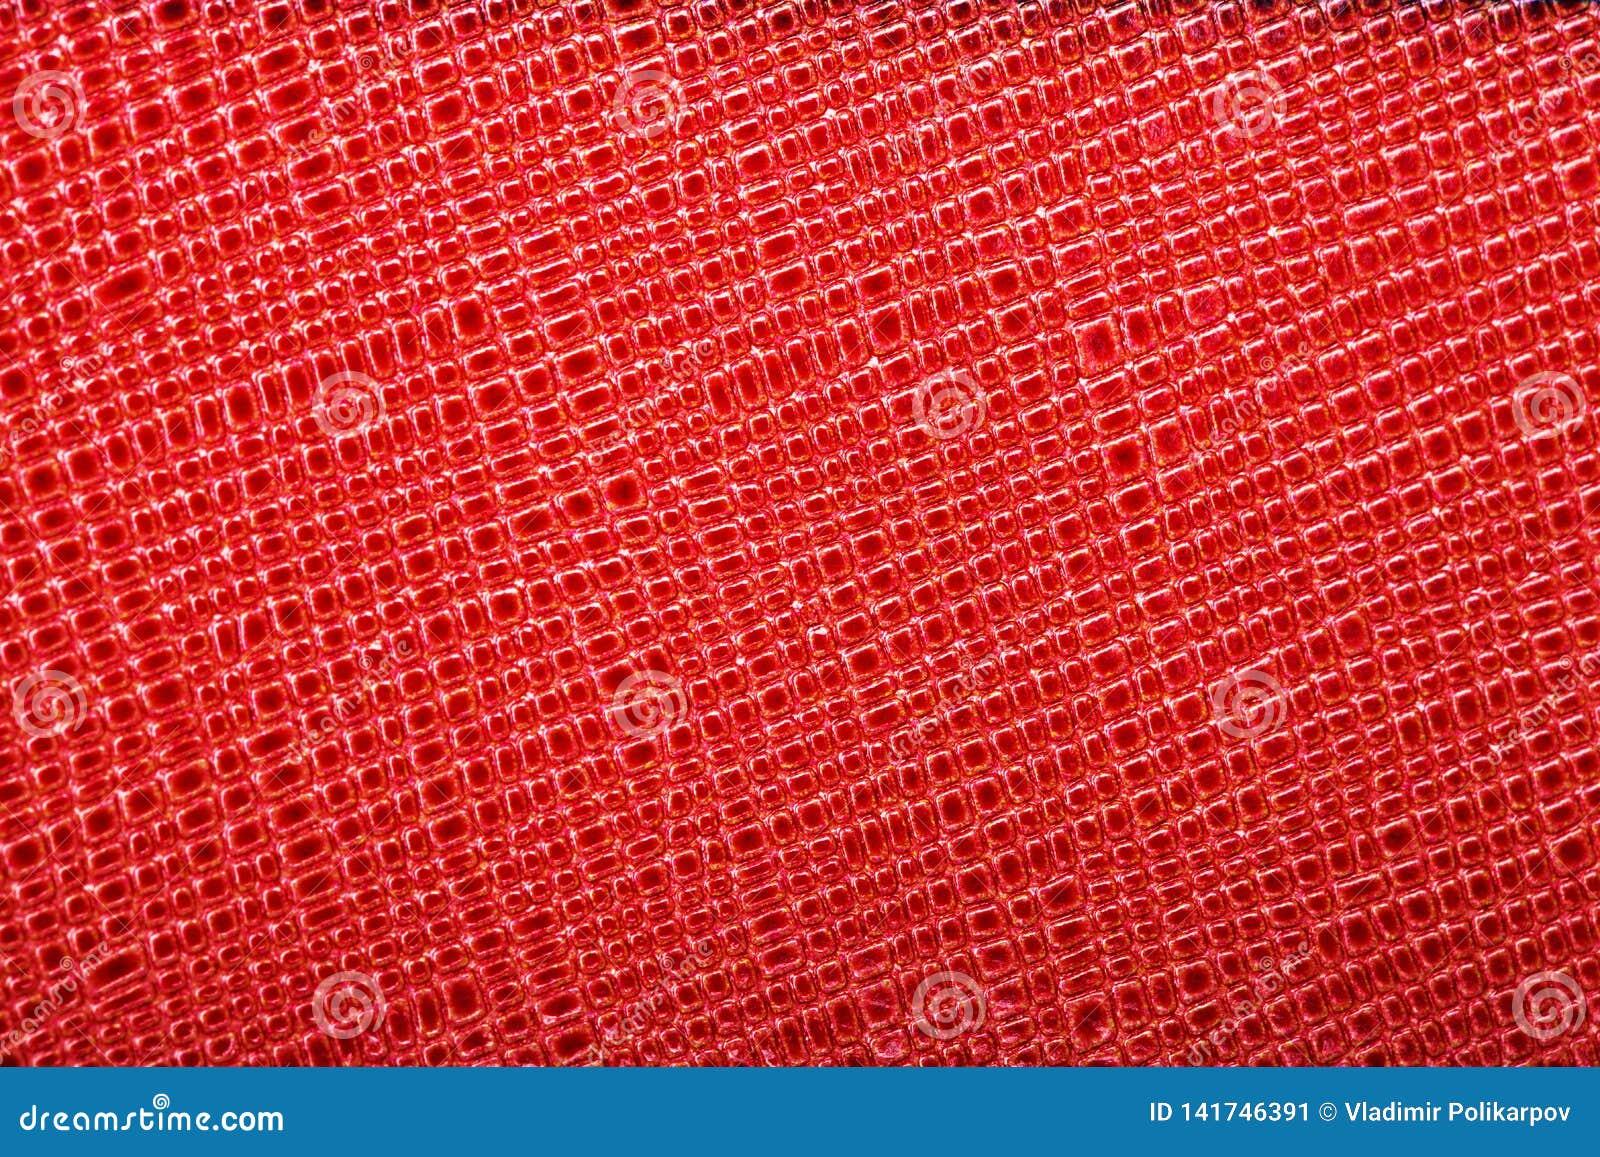 Piękny tło czerwona prawdziwa skóra Zakończenie macros